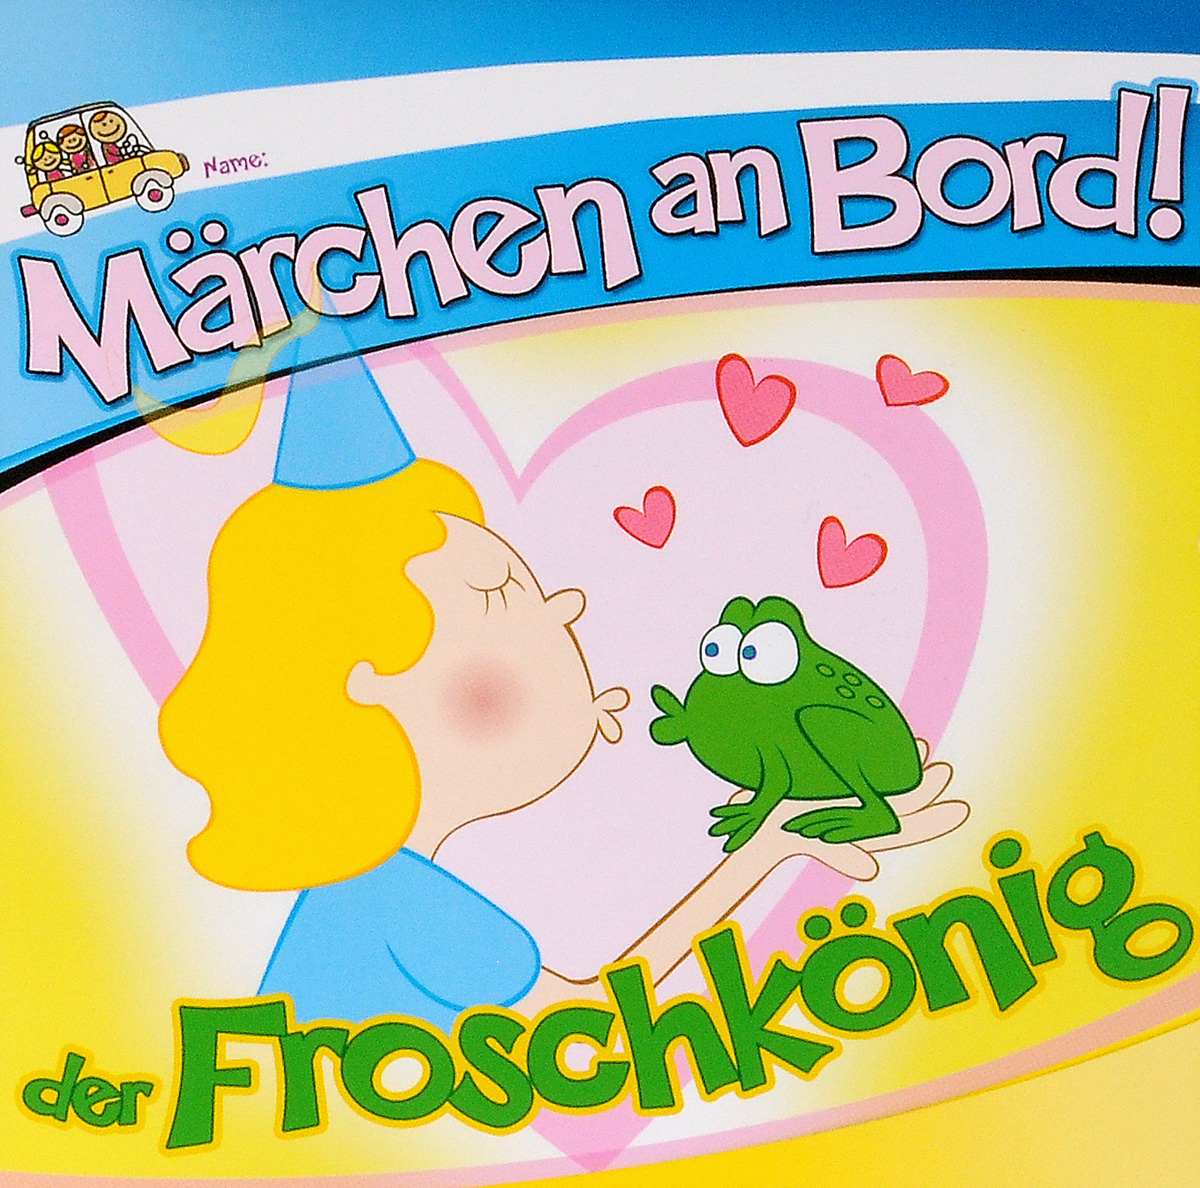 Marchen An Bord! Der Froschkonig сапоги quelle der spur 1013540